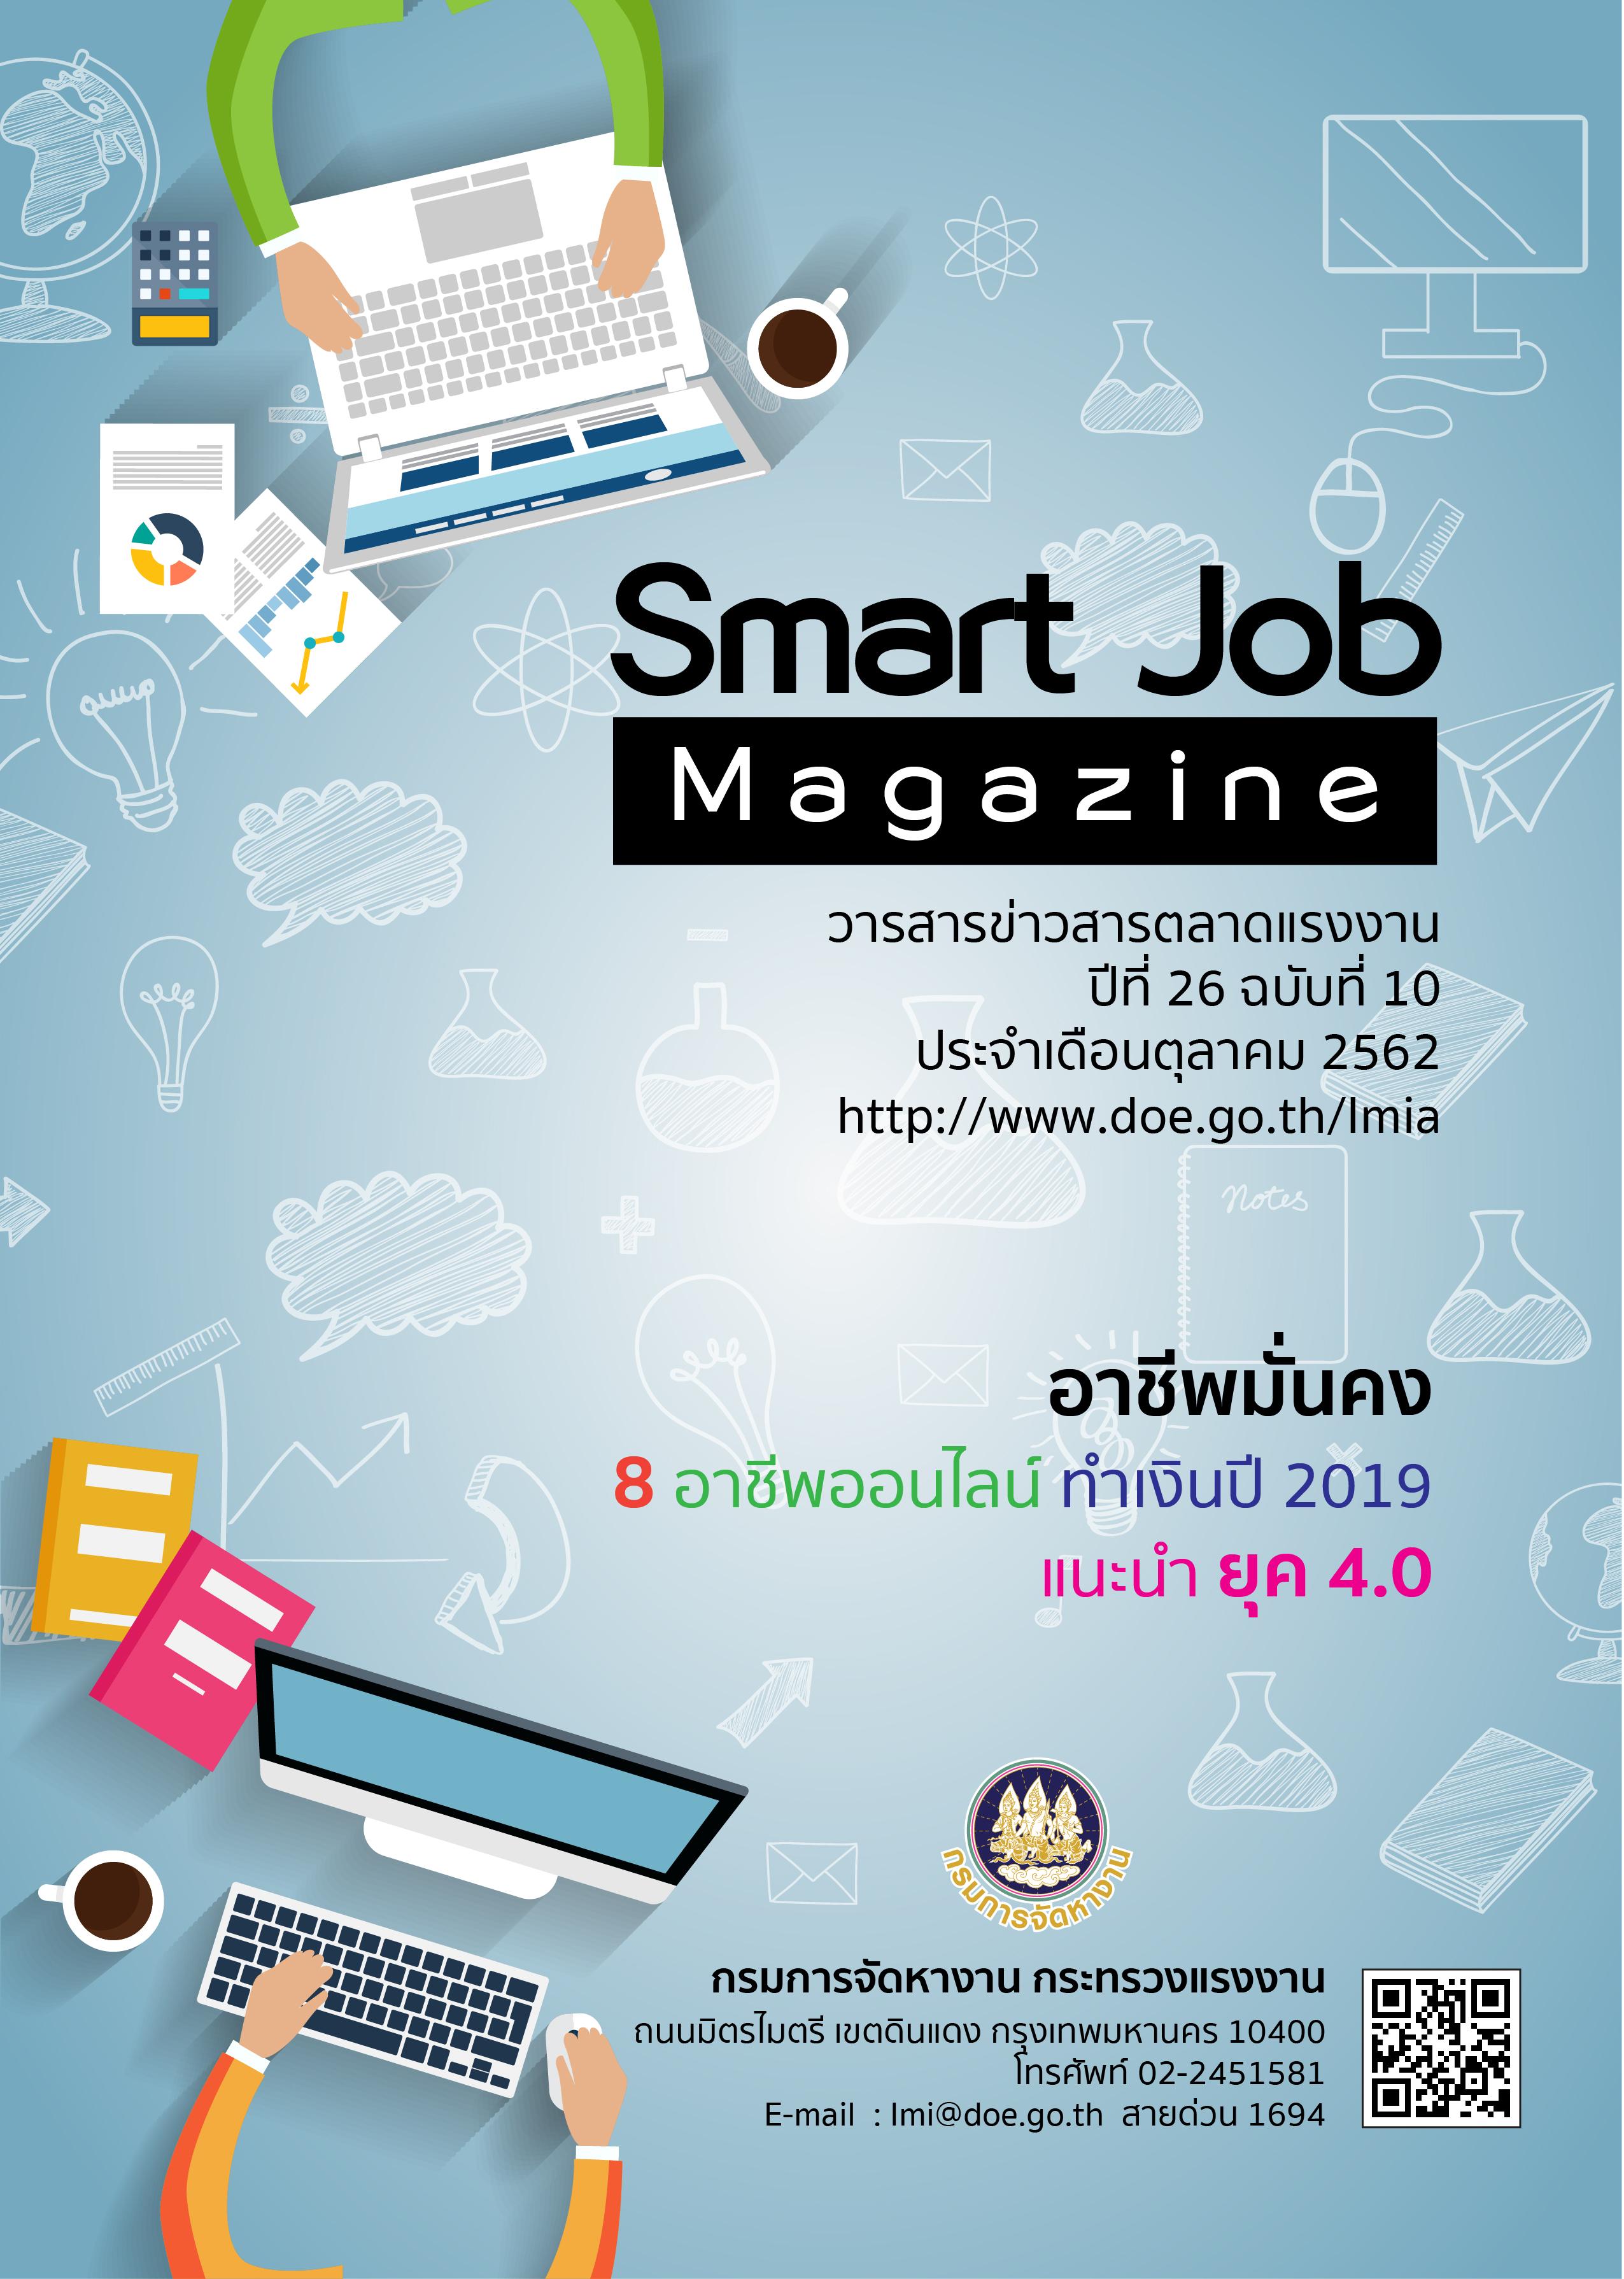 ปก วารสารข่าวสารตลาดแรงงาน Smart Job Magazine ประจำเดือนตุลาคม 2562